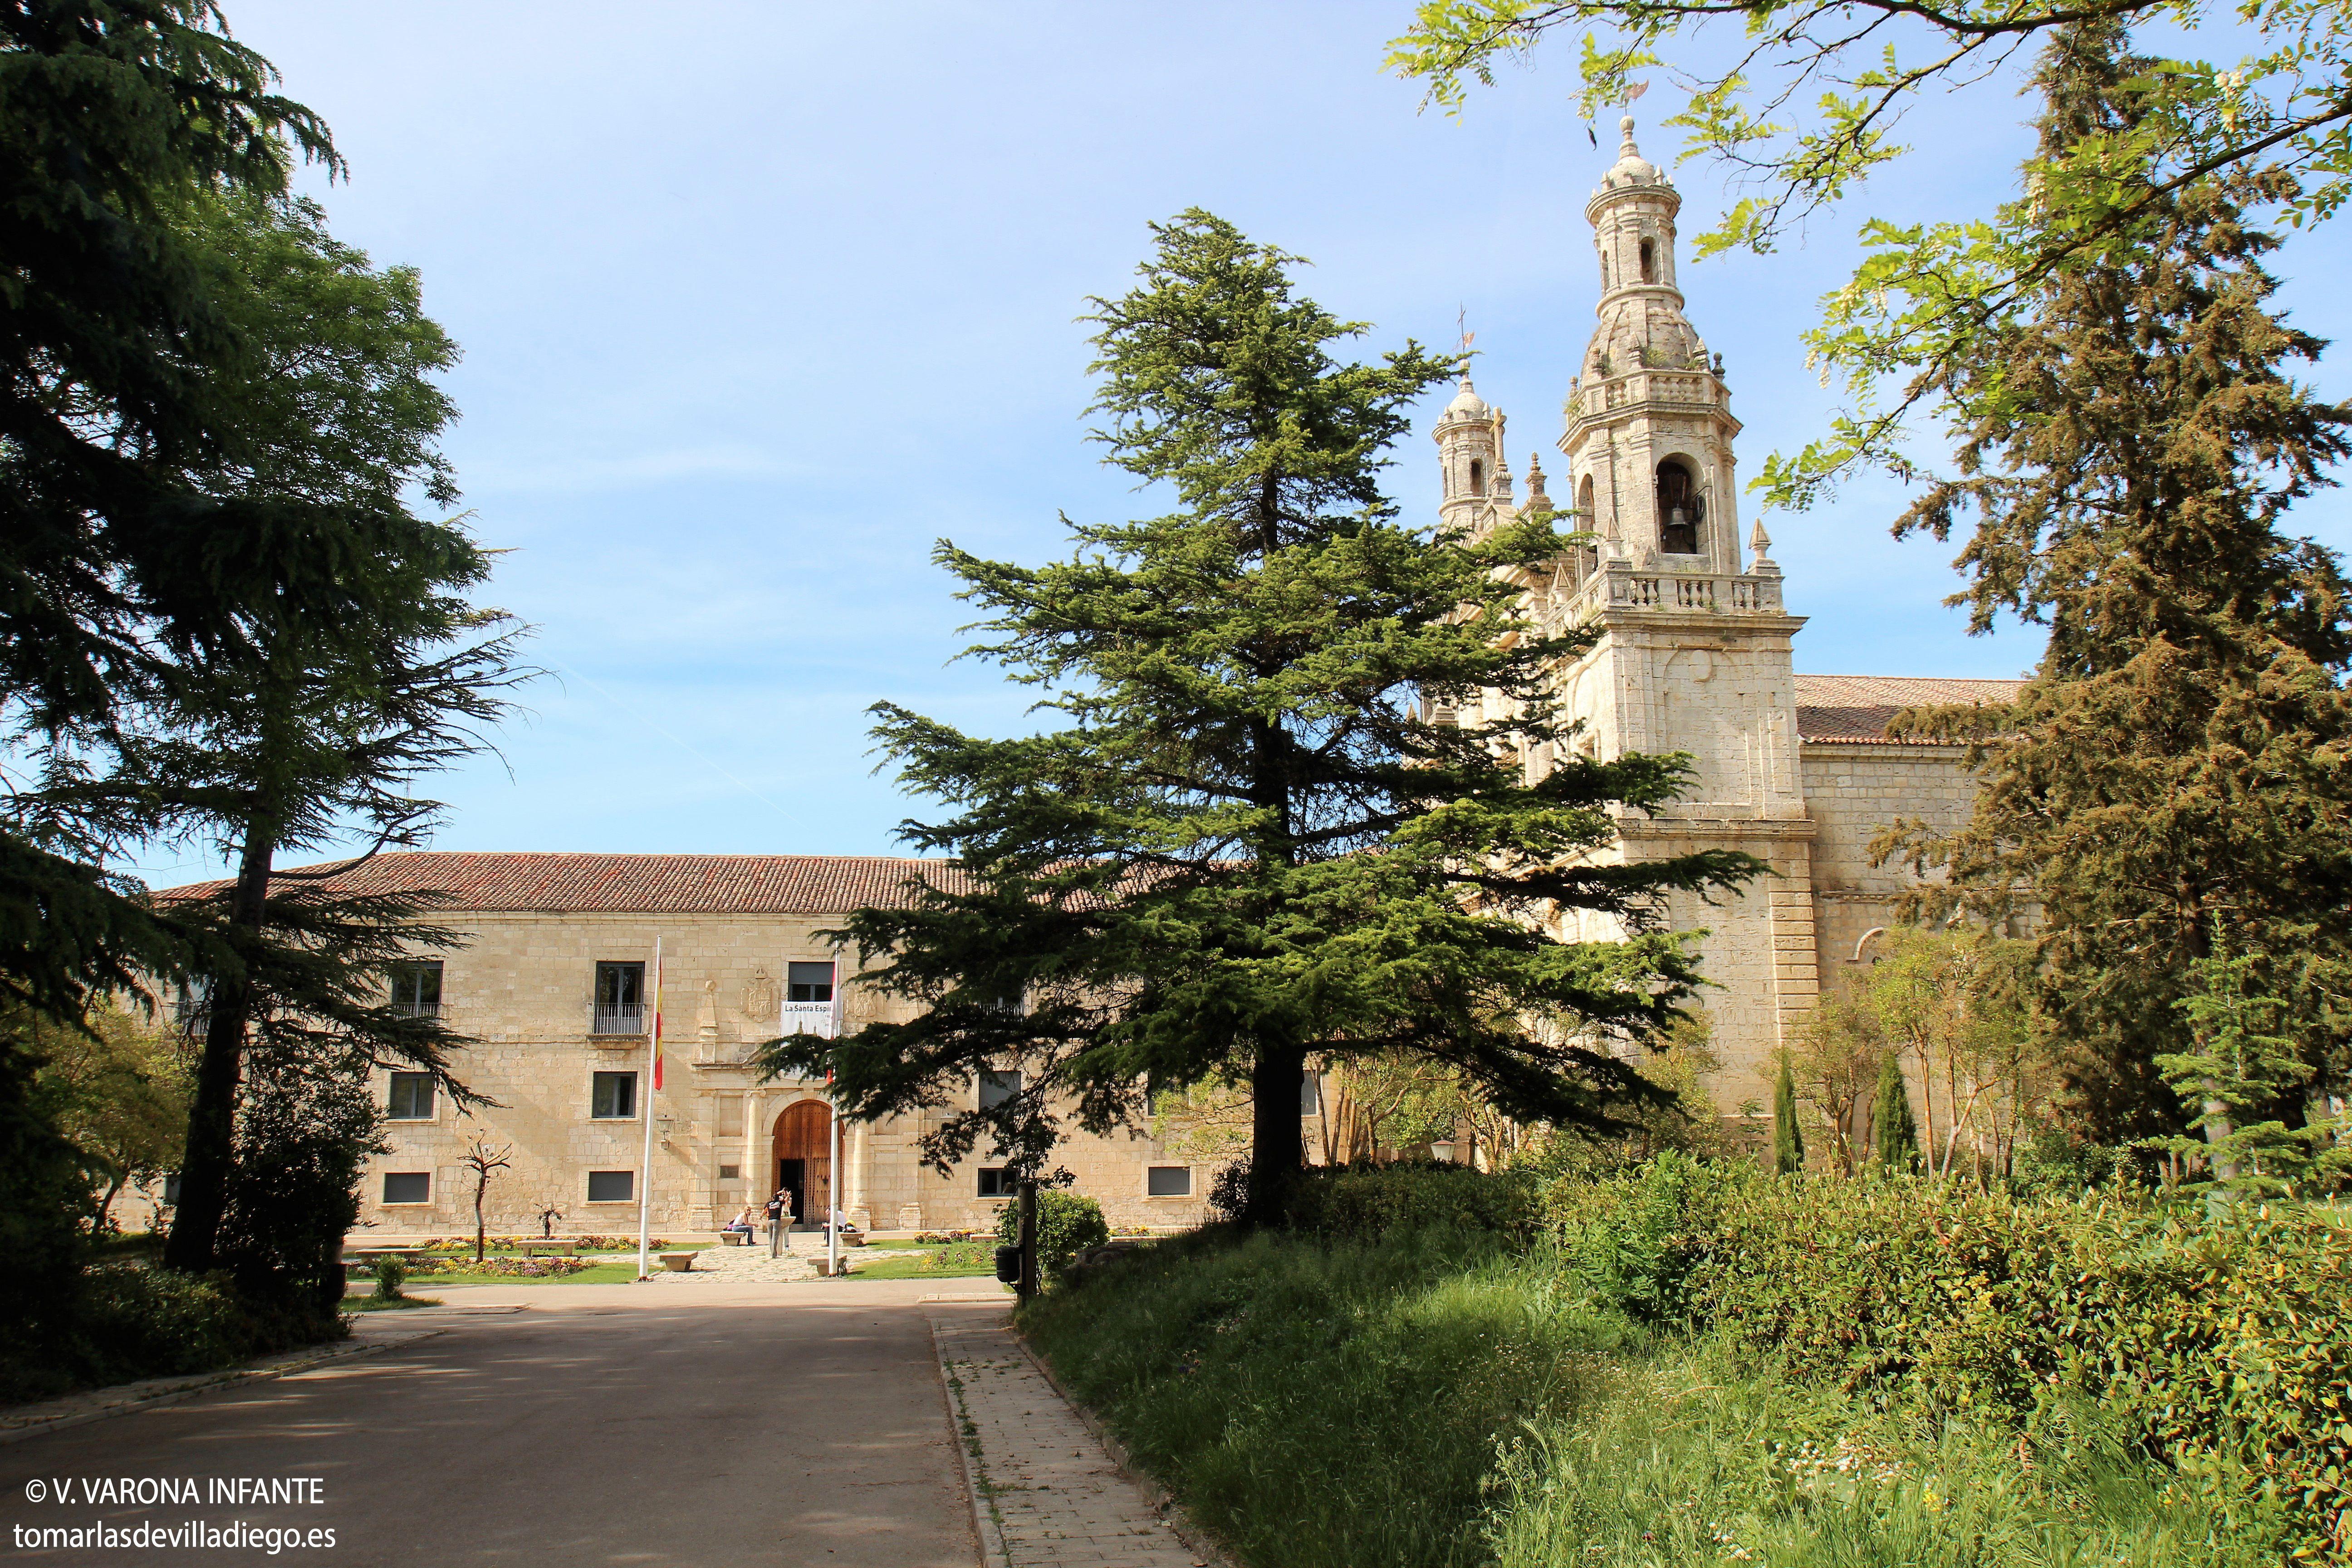 49 Ideas De Iglesias Catedrales Y Monasterios Monasterios Catedral Iglesia